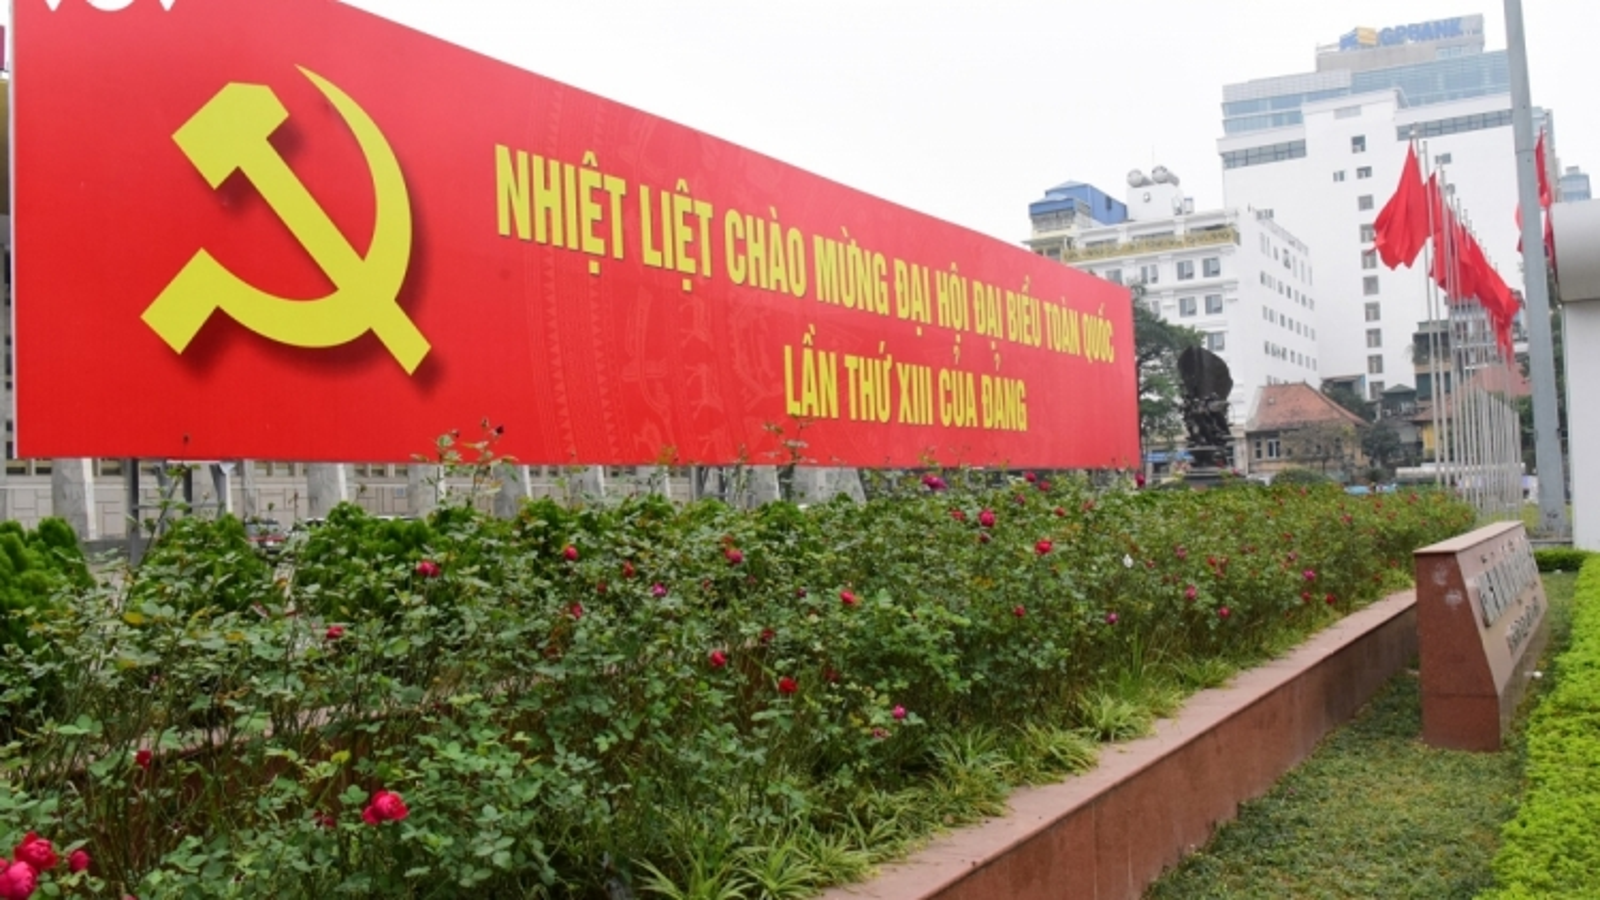 Hà Nội hoàn tất công tác trang trí phục vụ đại hội Đảng toàn quốc lần thứ XIII